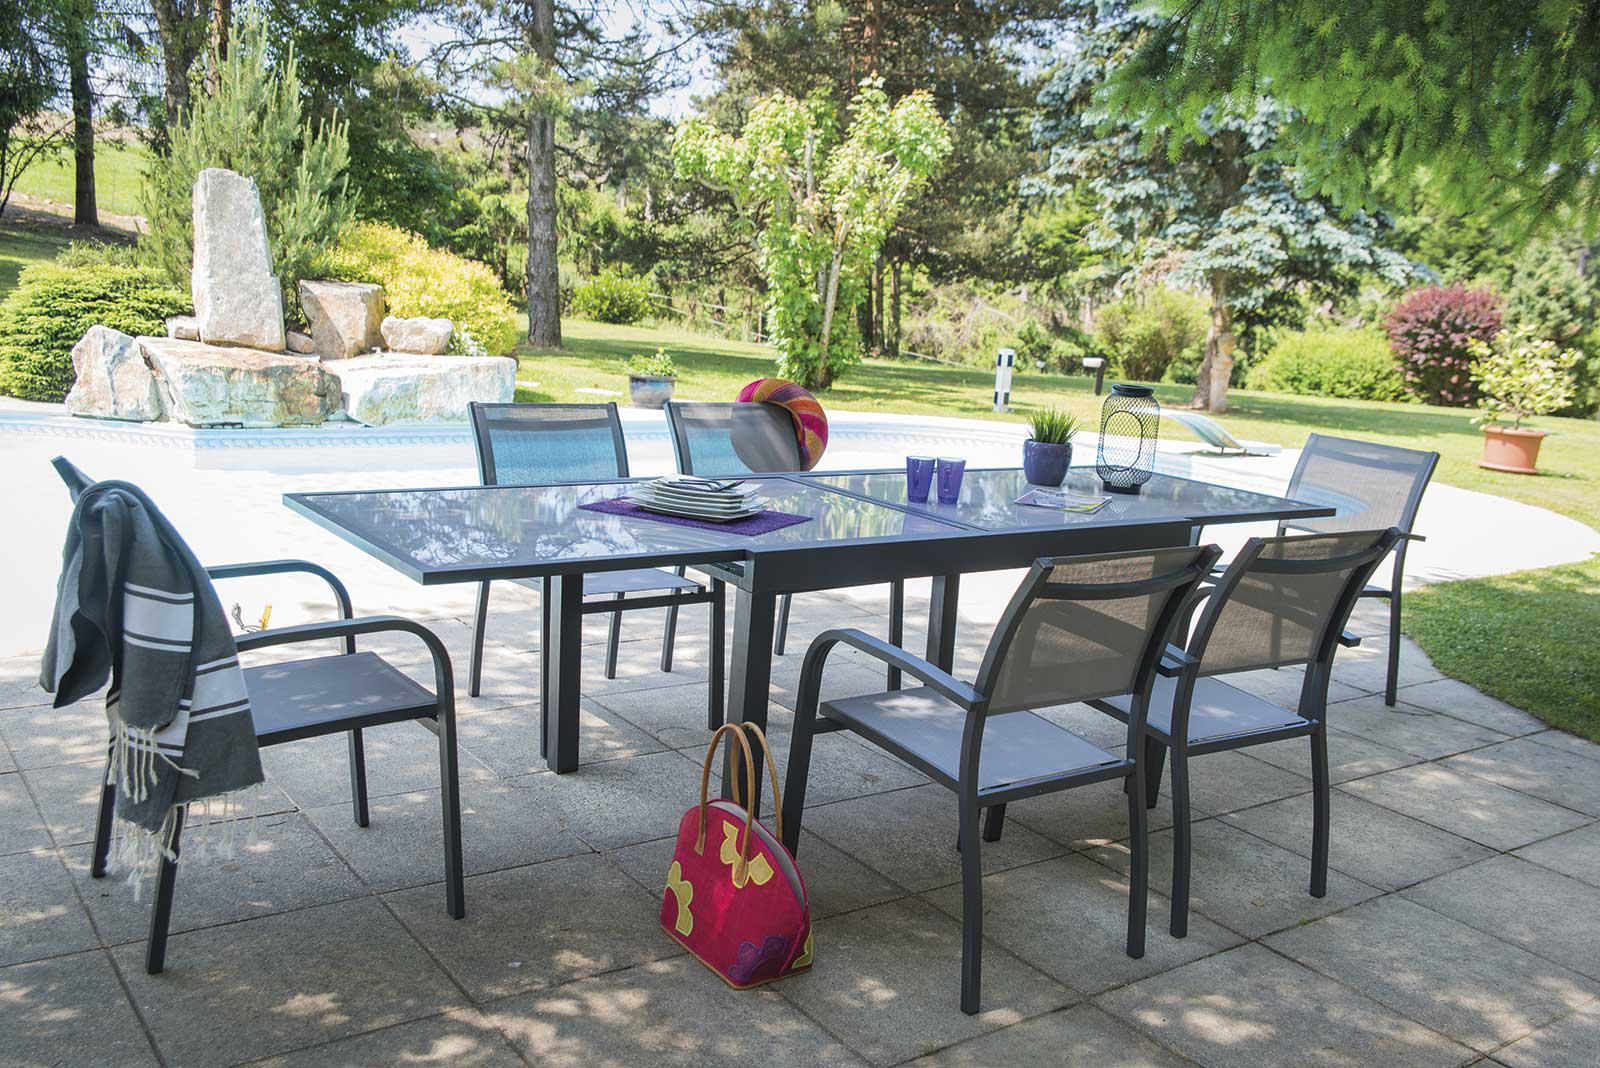 Table de jardin + 6 chaises Design et confort HONFLEUR - AQUAPOLIS